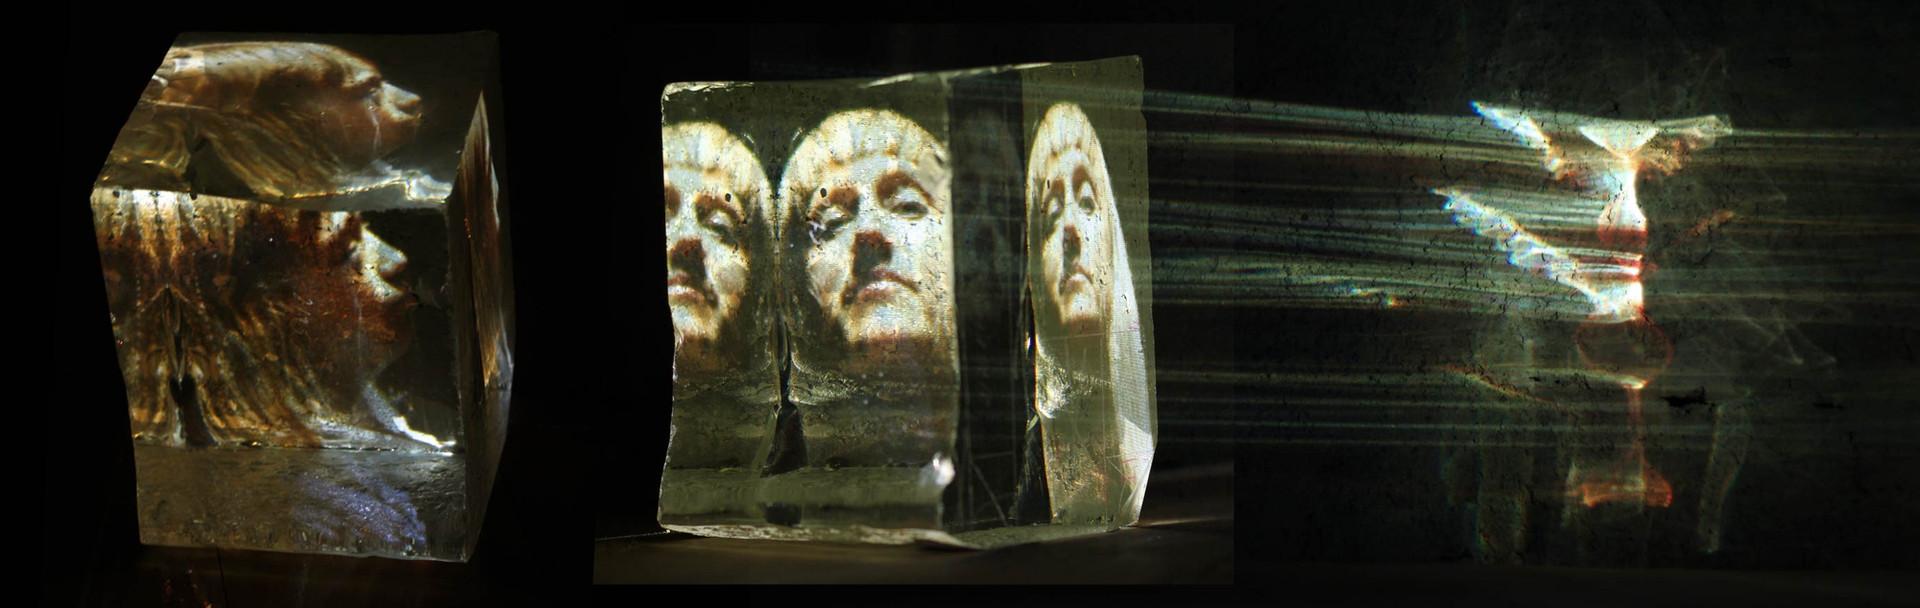 glas portrait